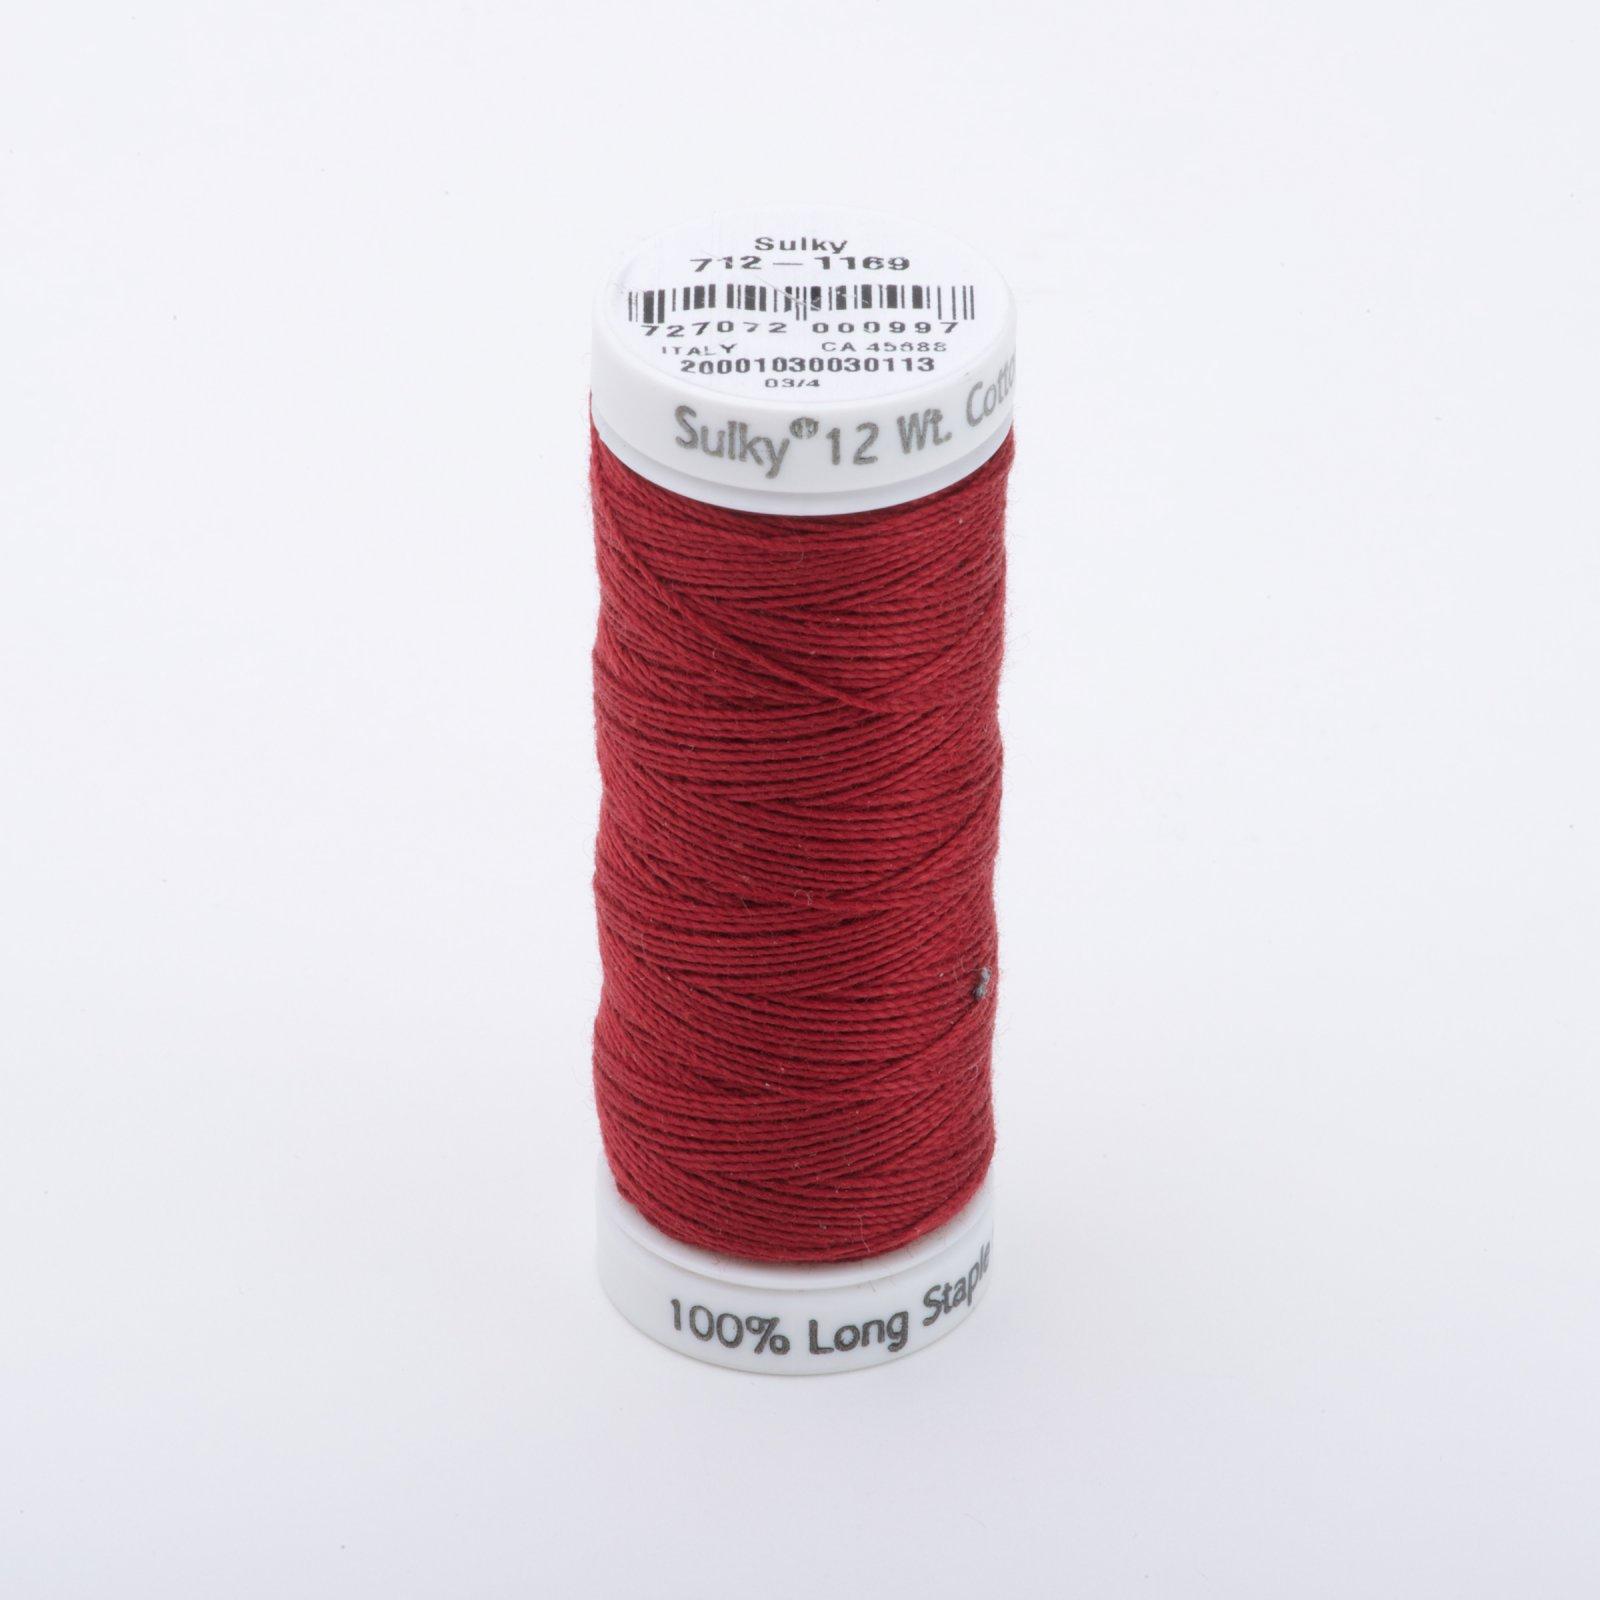 Blendable Cotton Petites 12 wt 1169